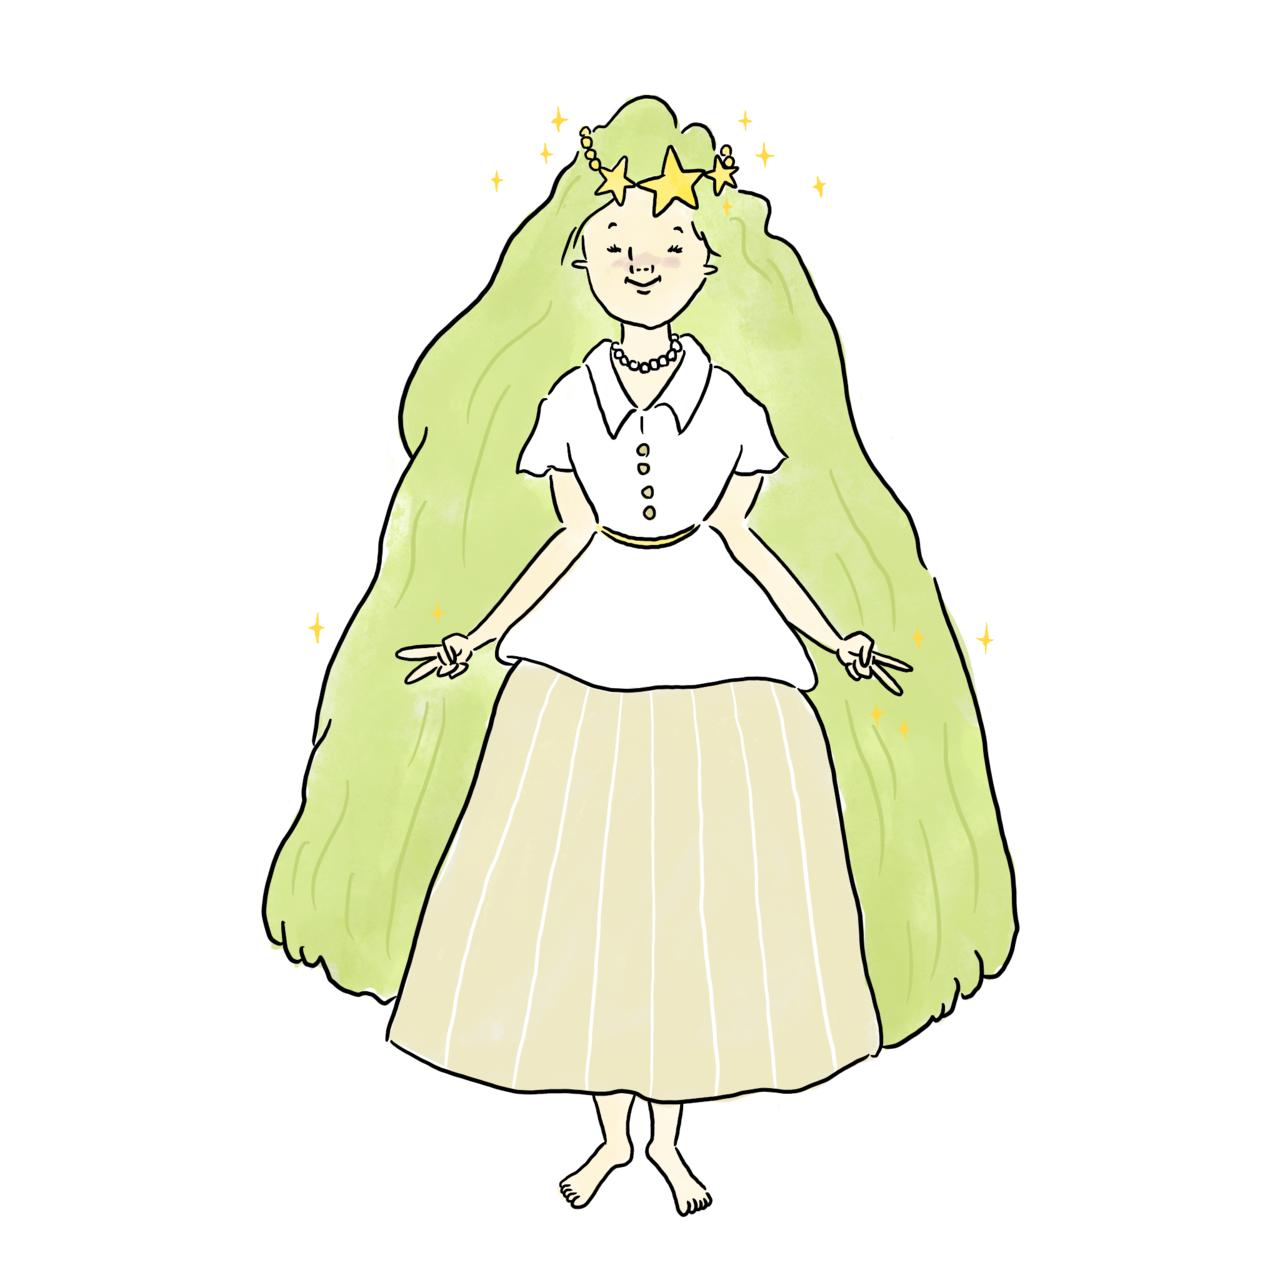 【4月15日~5月14日の運勢】乙女座のヴィーナス